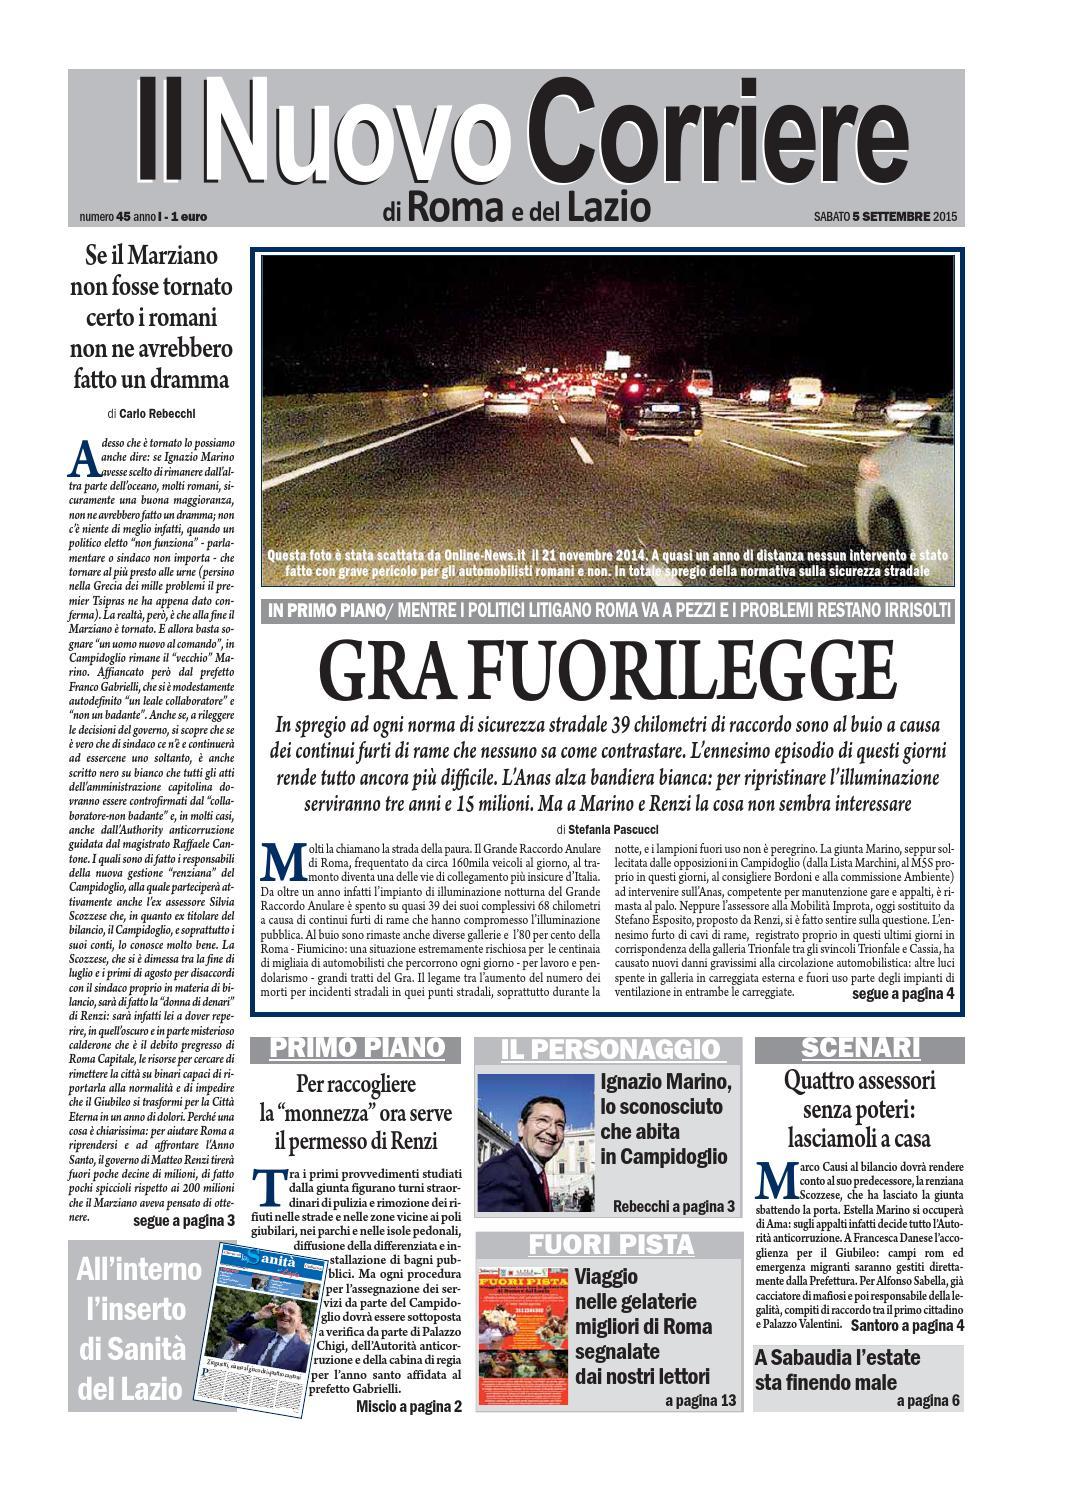 Negozio Lampadari Piazza Zama Roma.Il Nuovo Corriere Di Roma E Del Lazio Sabato 5 Settembre